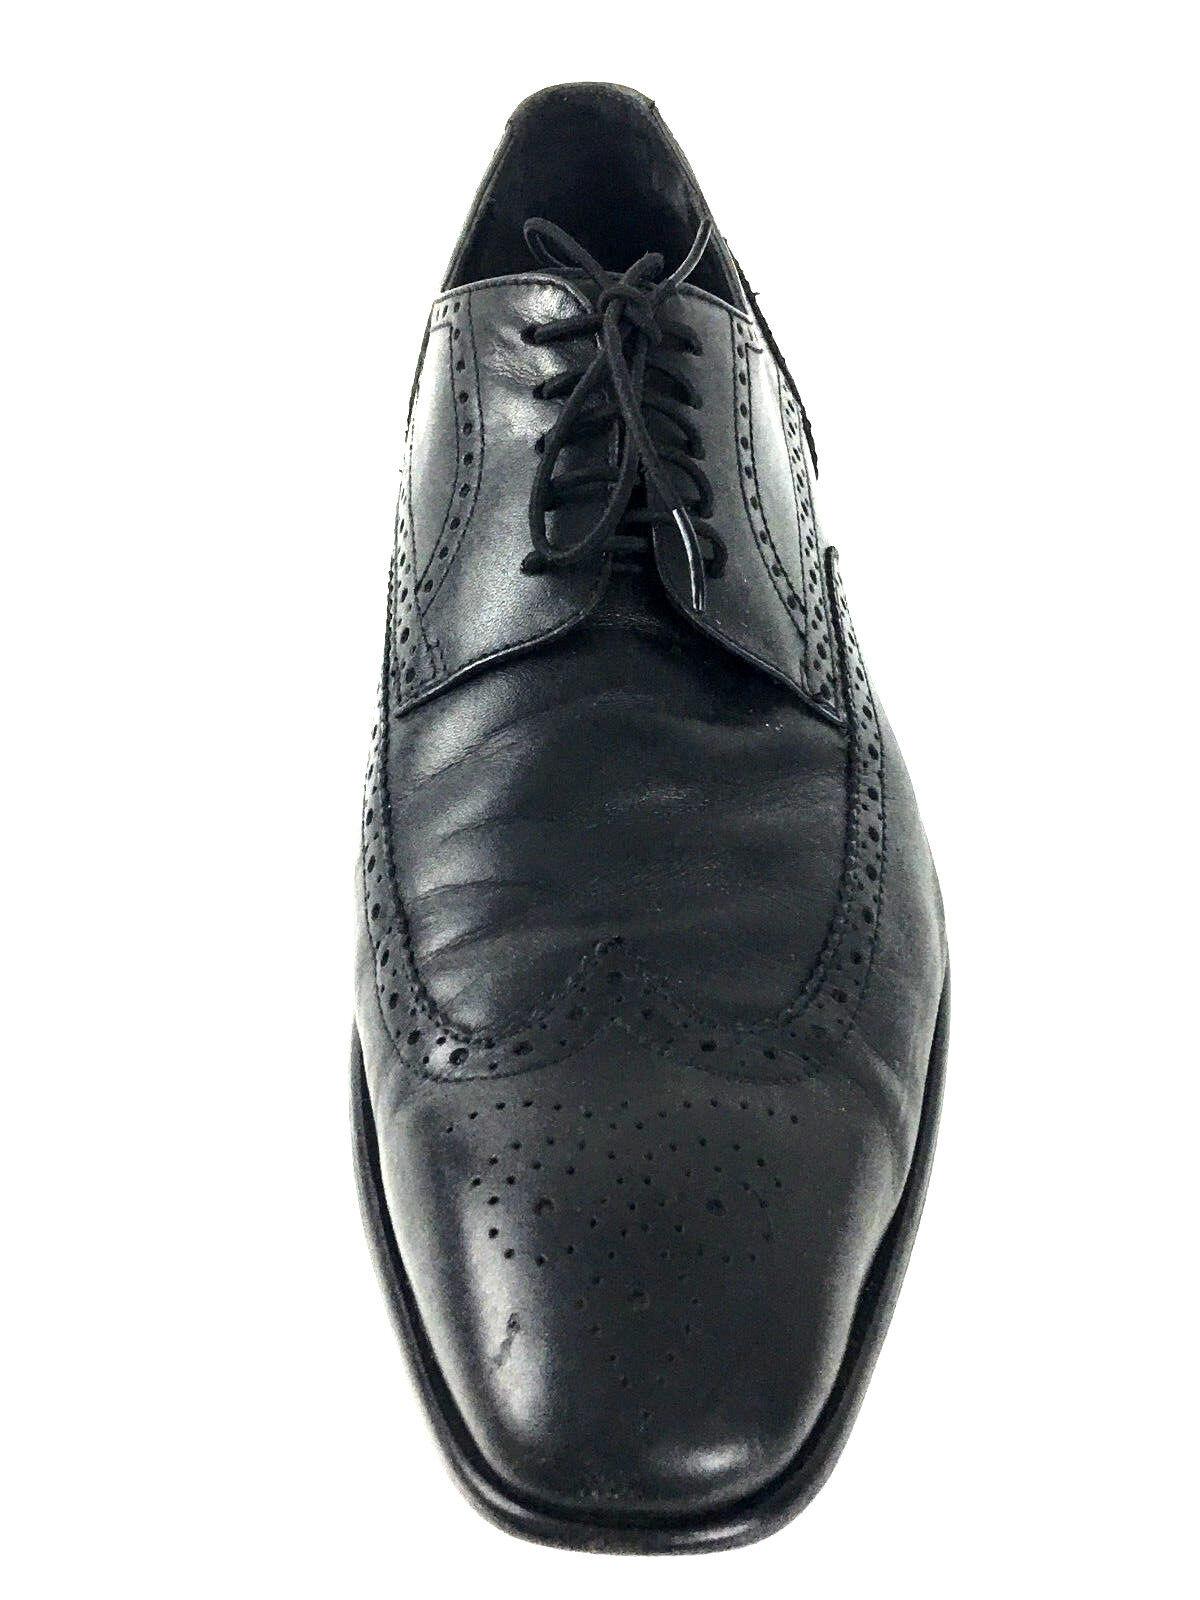 Hugo Boss negro Para Hombre Zapato de vestir Oxford Cuero EE. UU.